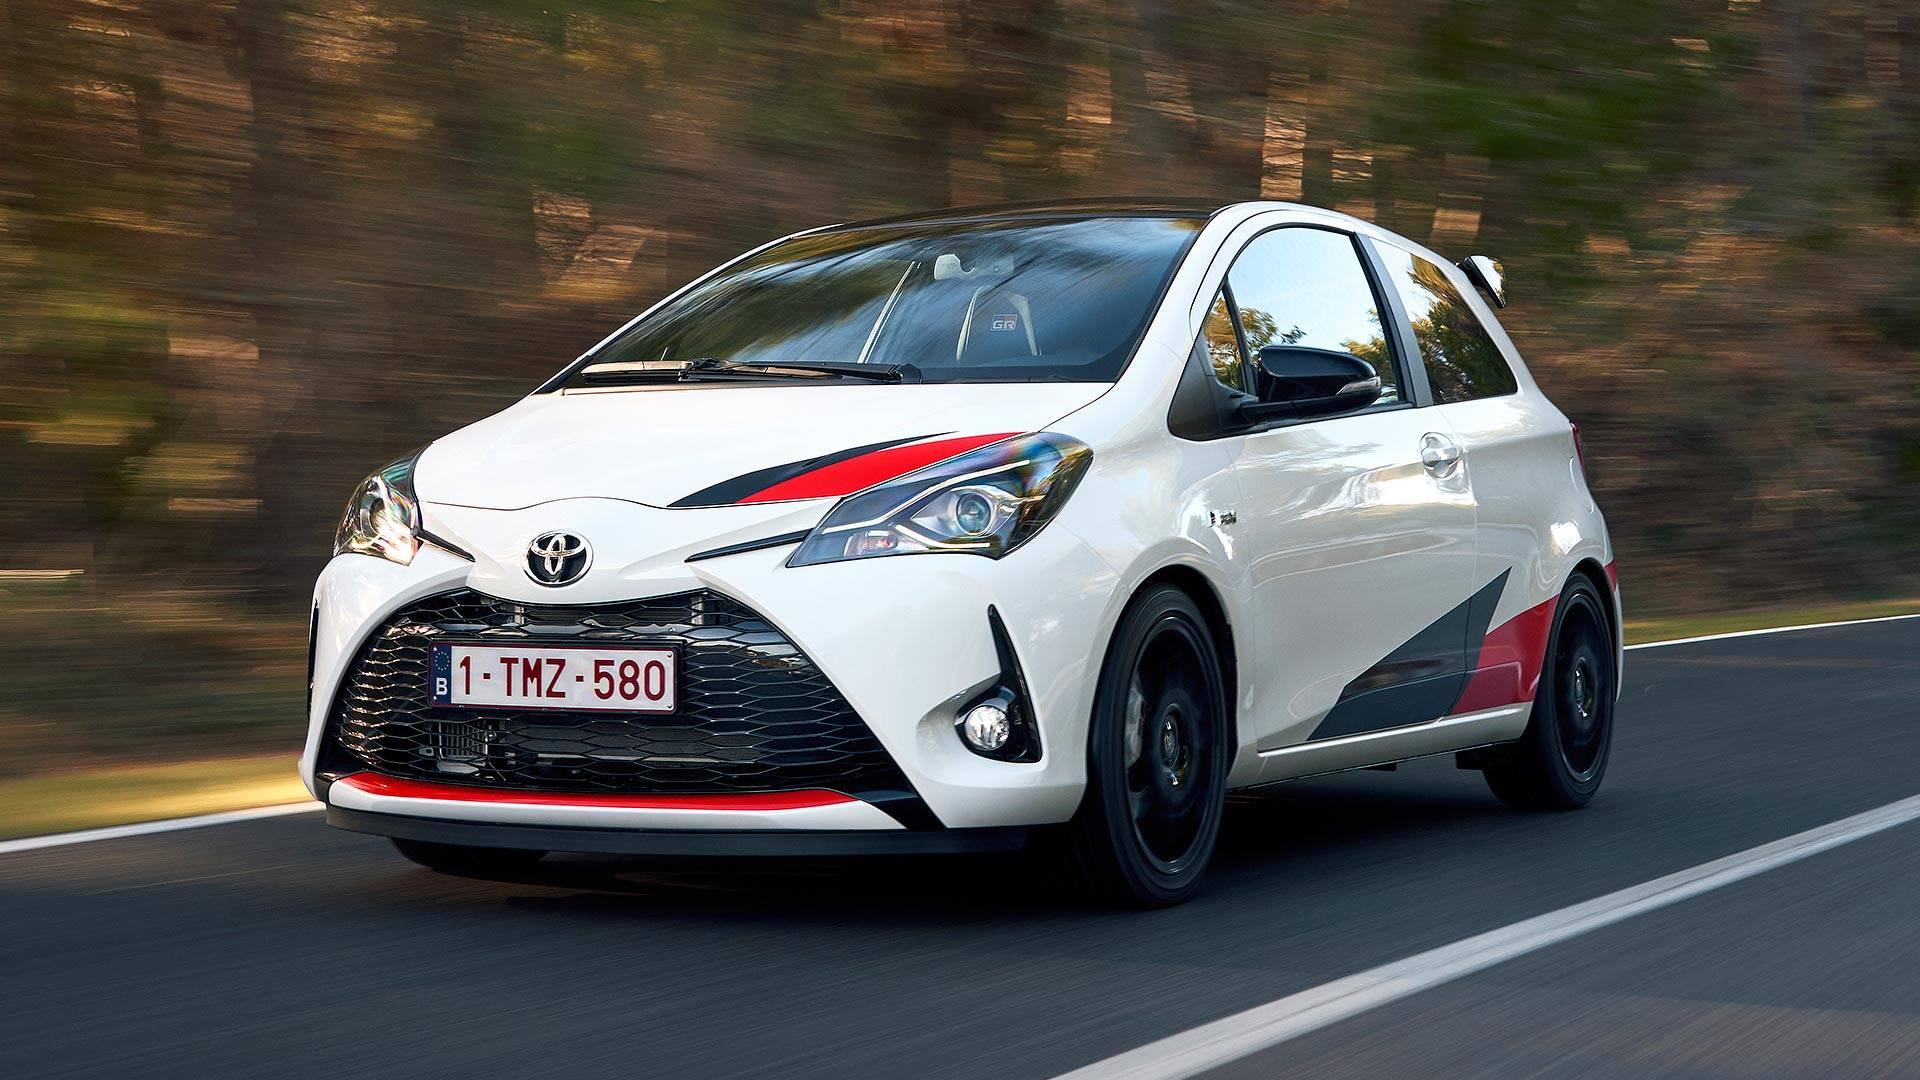 2018 Toyota Yaris Grmn First Drive Wicked Fun